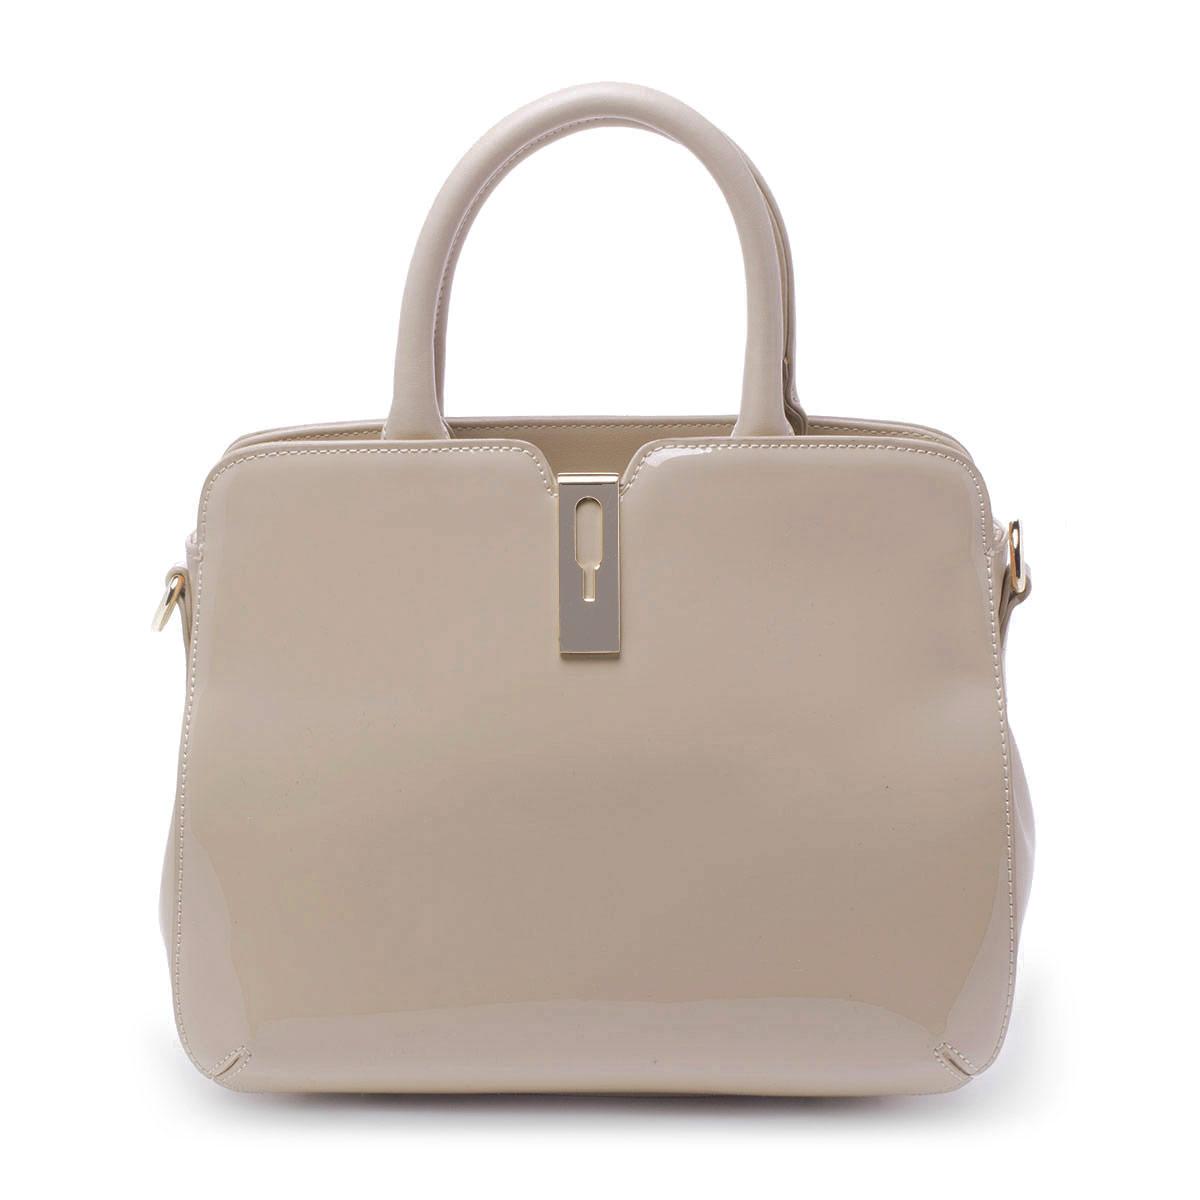 Сумка женская Renee Kler, цвет: бежевый. RK261-04RK261-04Элегантная женская сумка Renee Kler идеально подойдет под ваш образ и завершит его. Она выполнена из качественной лакированной искусственной кожи и закрывается на удобную молнию. Сумка состоит из одного вместительного отделения, которое содержит один вшитый карман на молнии и два накладных открытых кармана для мелочей и телефона. К сумке прилагается съемный плечевой ремень, длина которого регулируется с помощью пряжки. Стильная и практичная сумка станет незаменимым аксессуаром в вашем гардеробе.